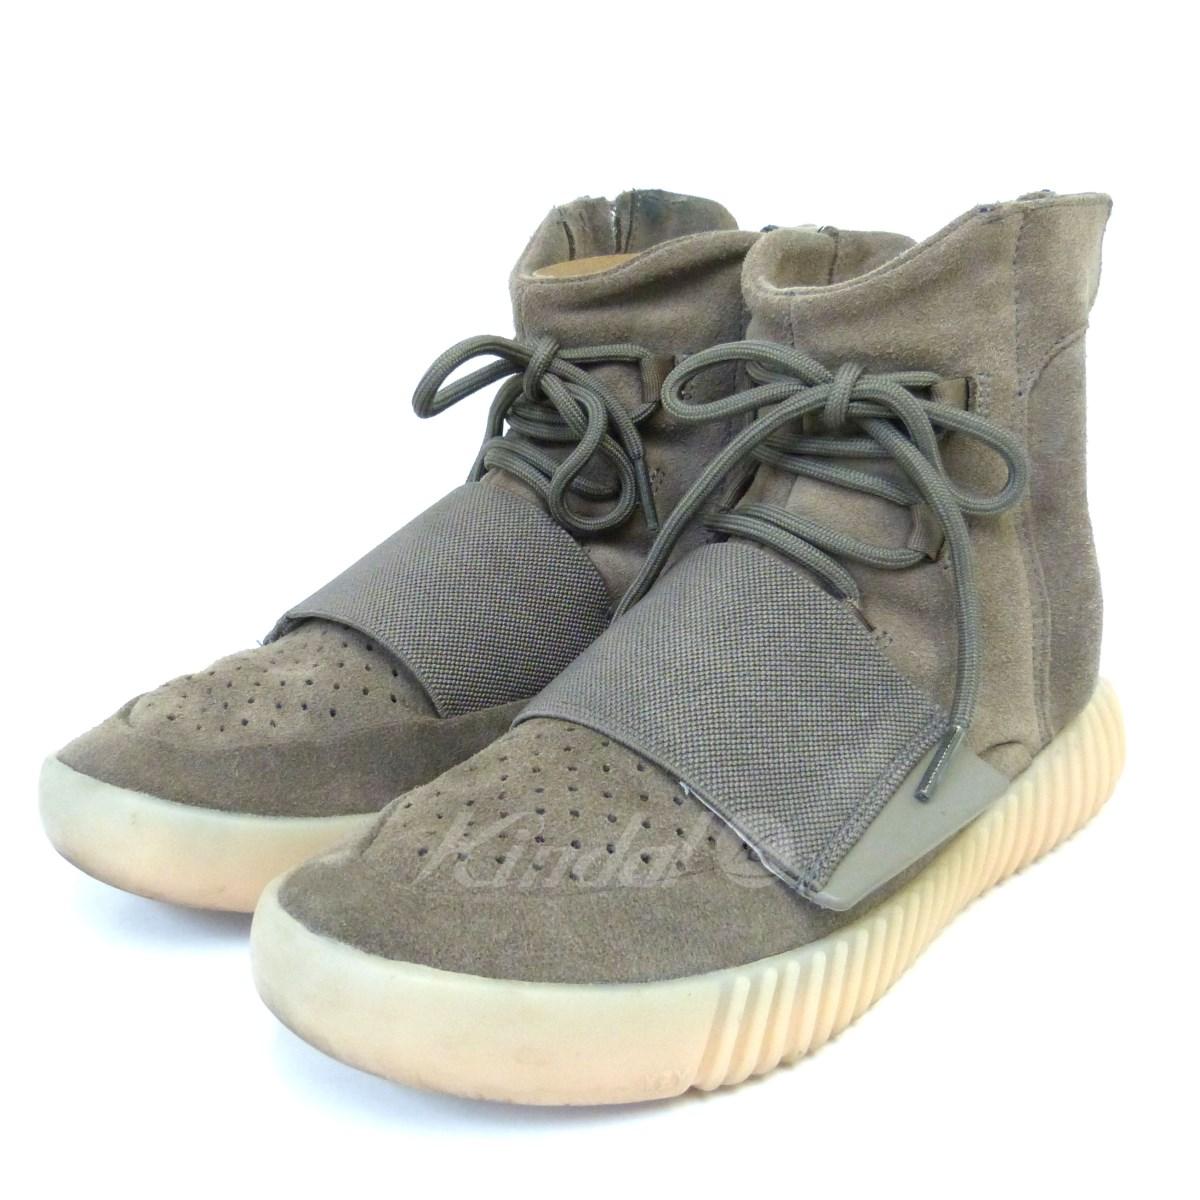 【中古】adidas originals by Kanye West YEEZY BOOST 750 BY2456 ハイカットスニーカー 【送料無料】 【044175】 【KIND1327】